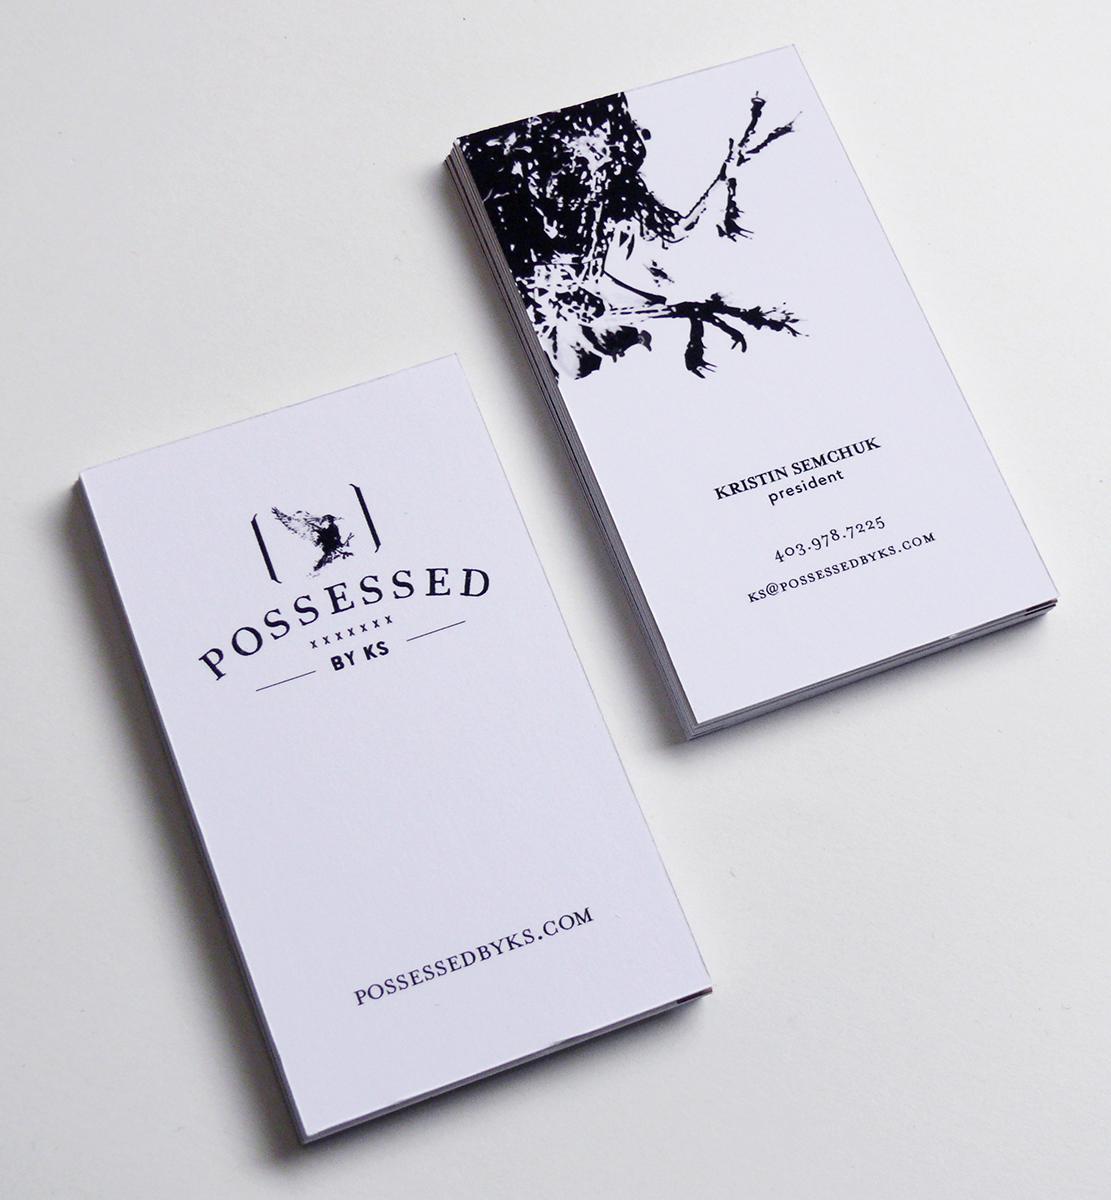 4possessed-1